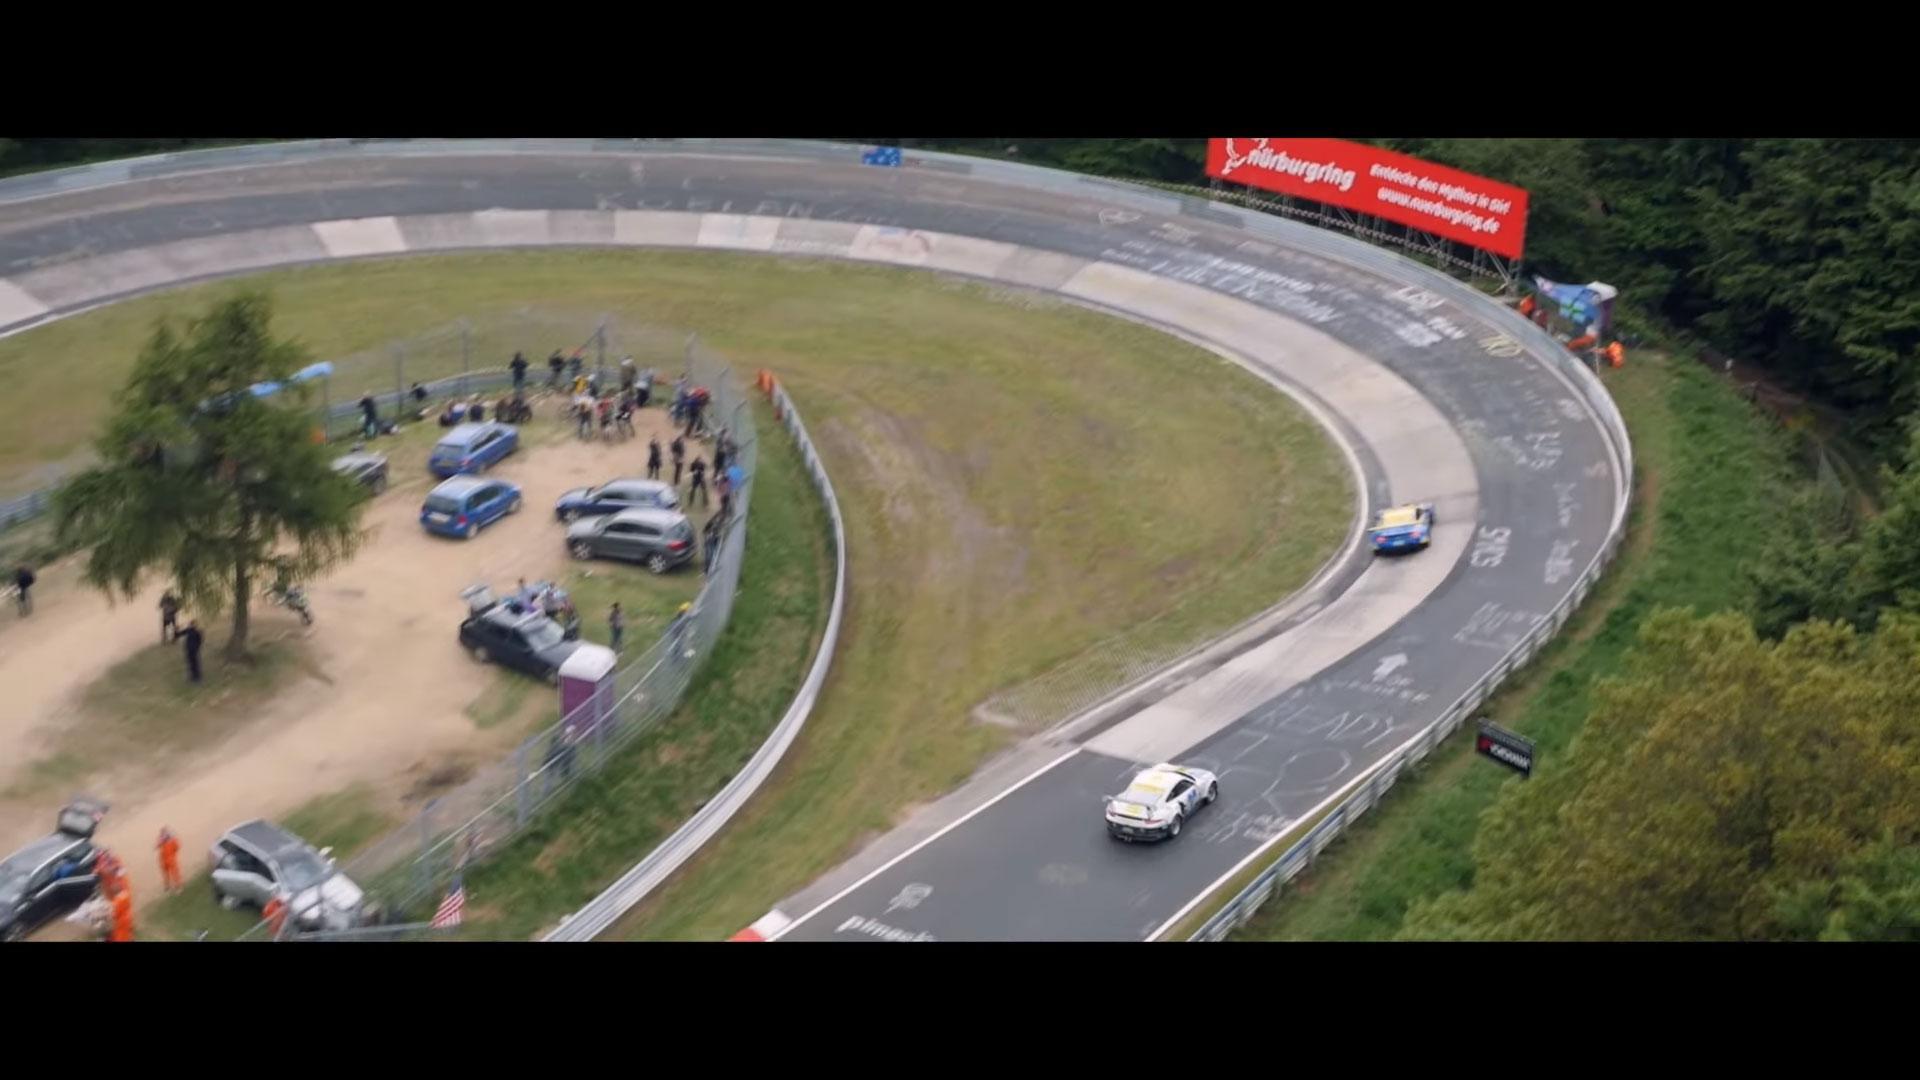 Karroussel nurburgring